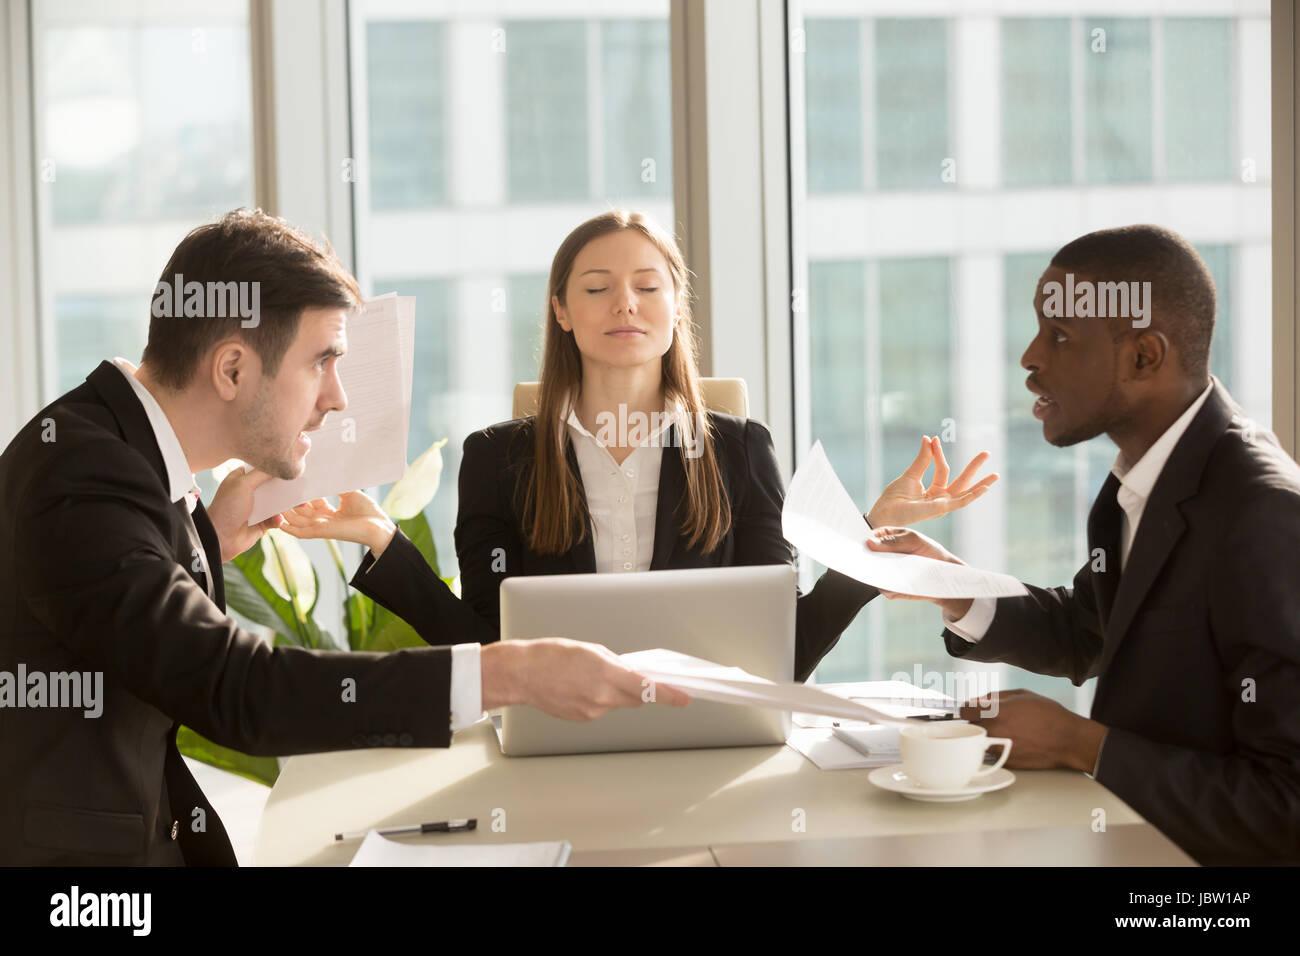 Atractiva empresaria disfruta meditando durante la reunión, sentado en la oficina con los ojos cerrados cerca Imagen De Stock